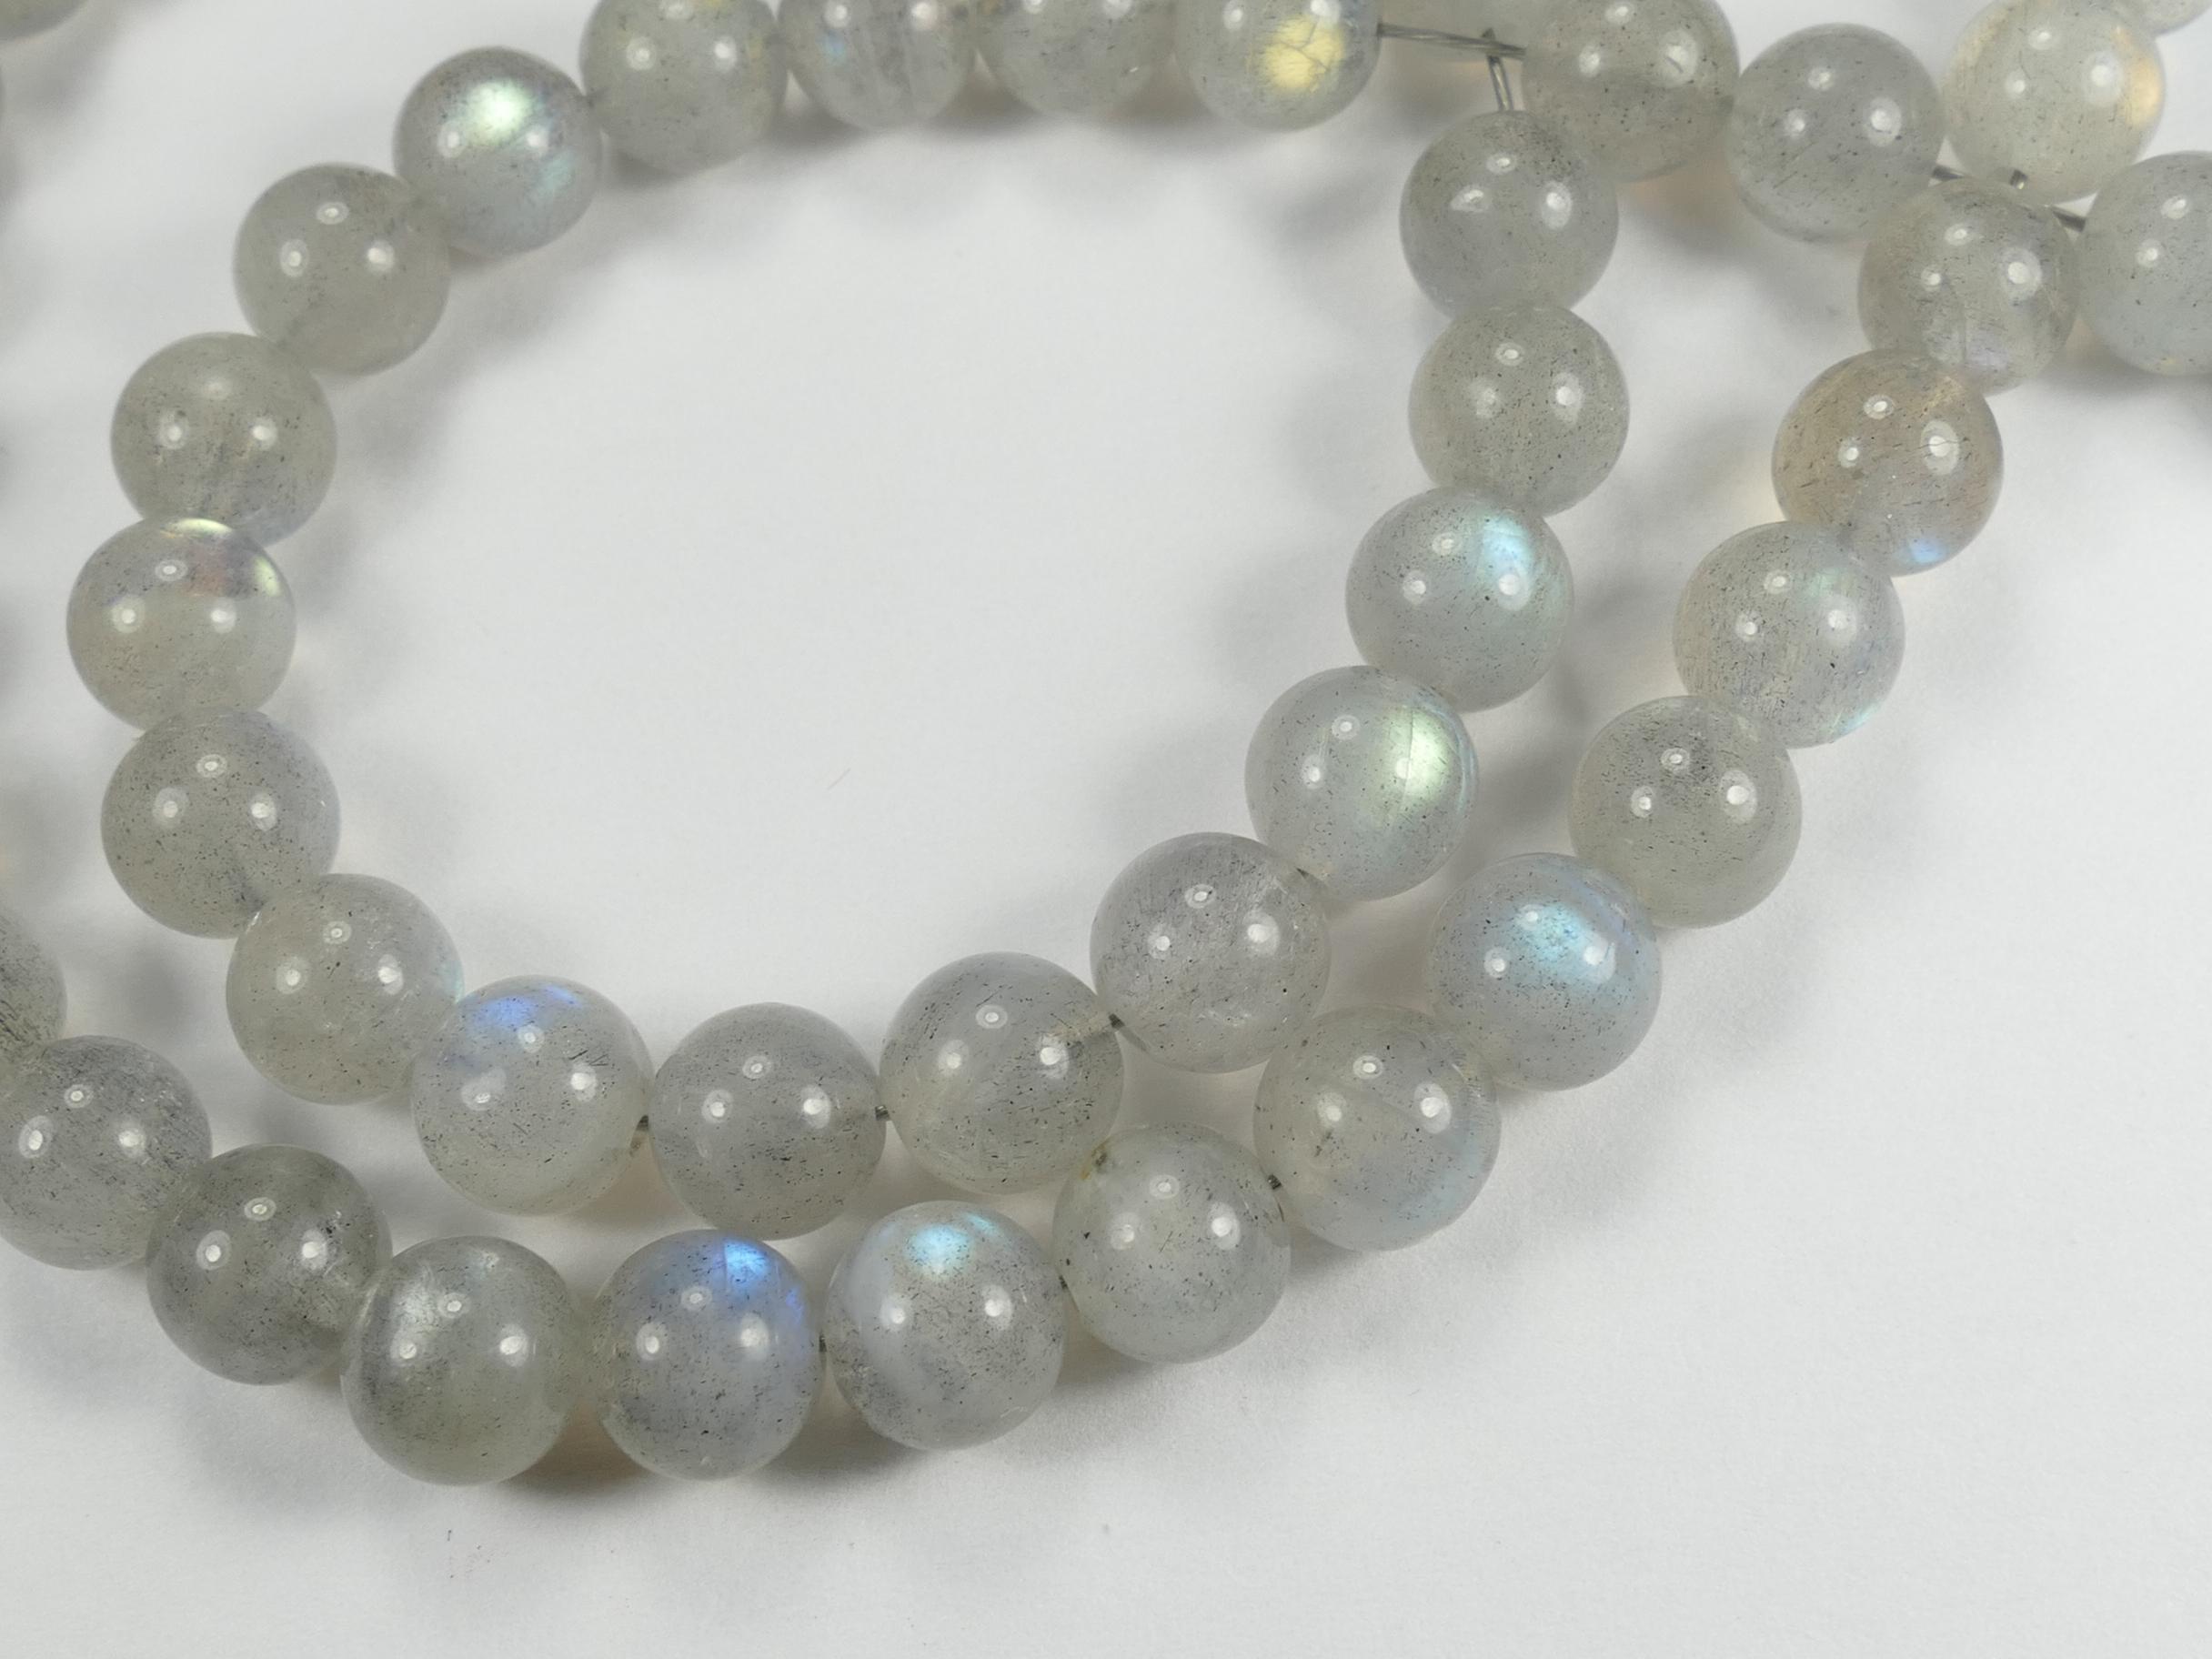 6.3mm A/AA Perle de Labradorite naturelle en boule / ronde lisse x16pc (#AC759)